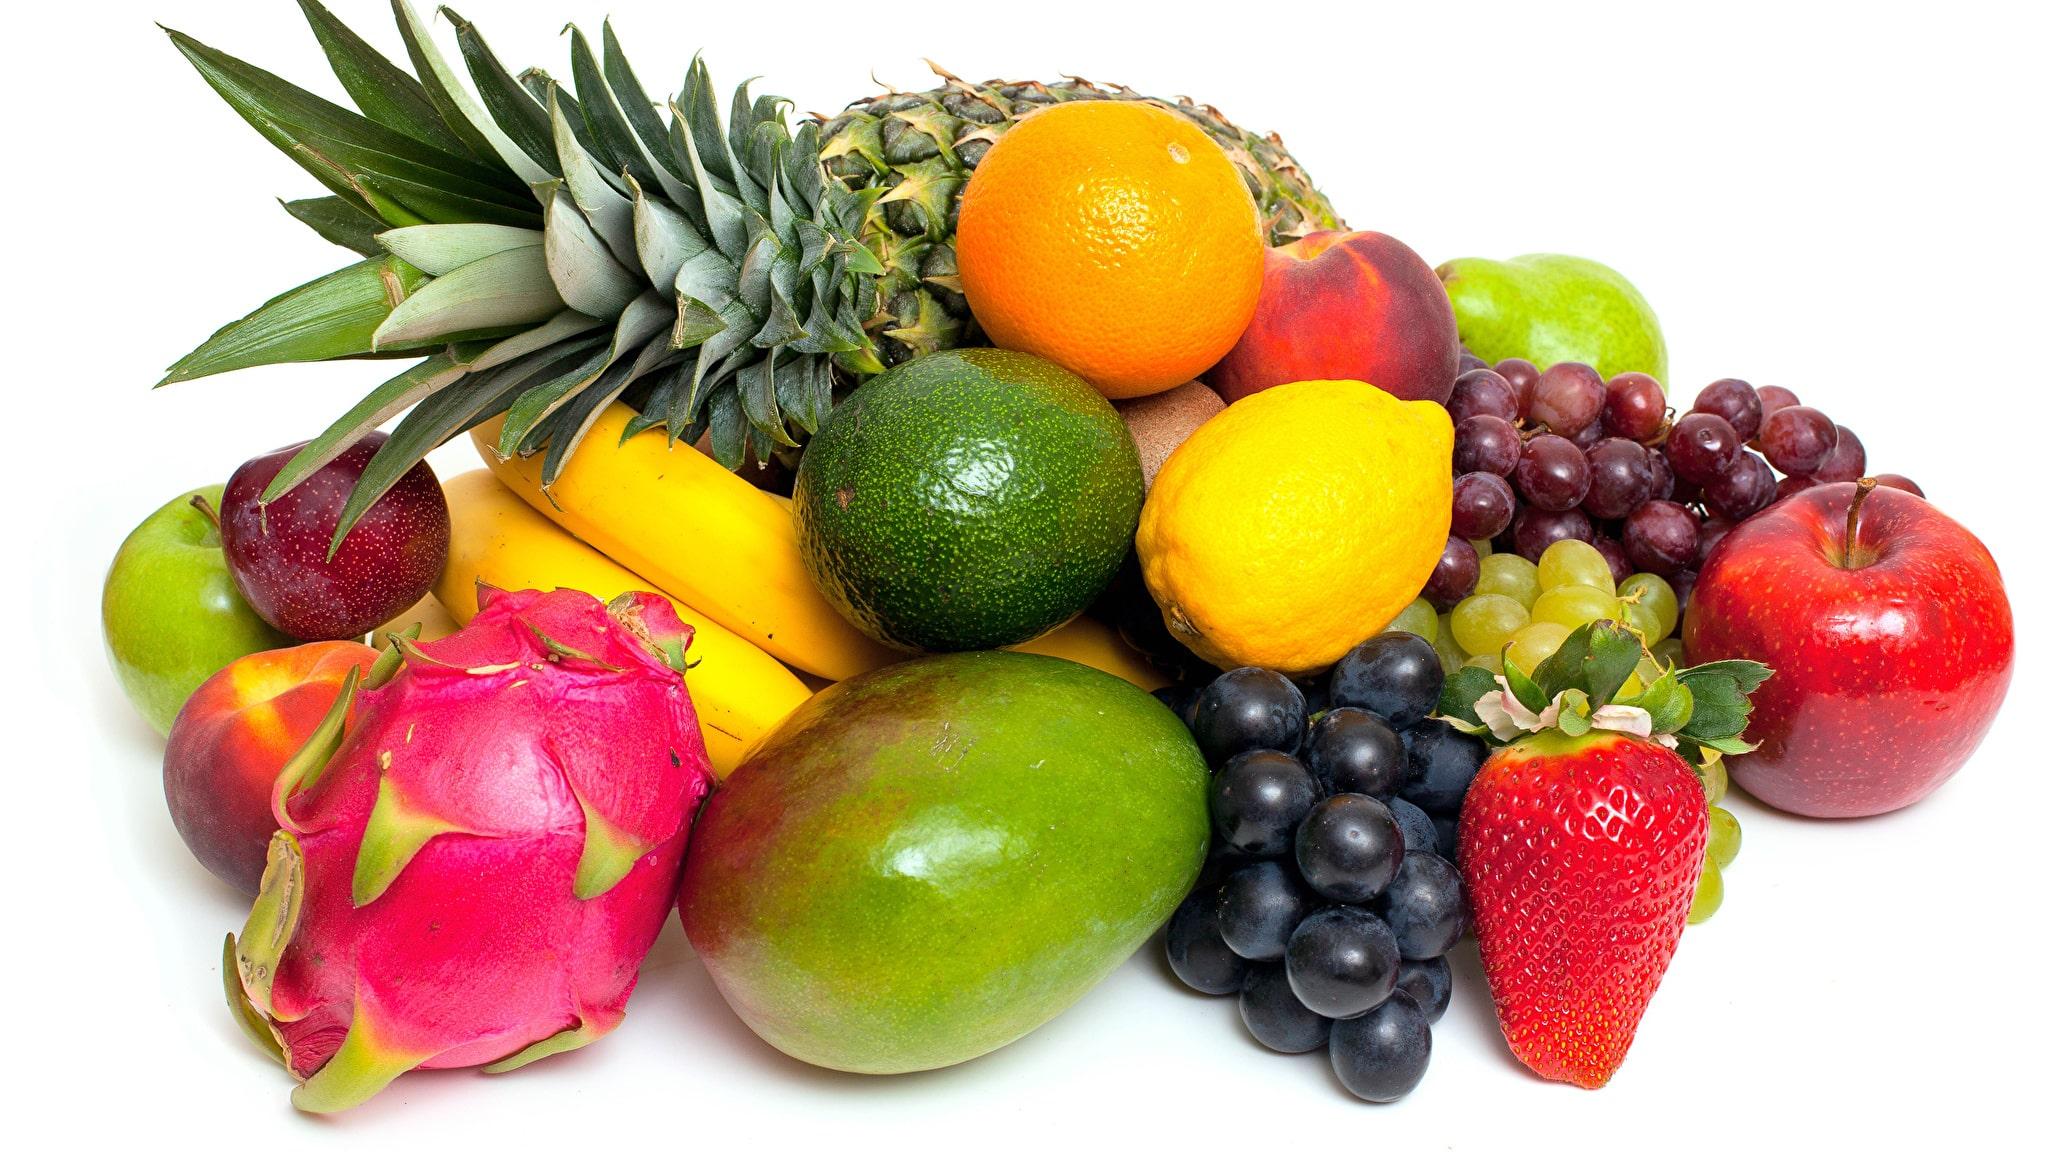 الأطعمة التي تزيد من وزن الجسم